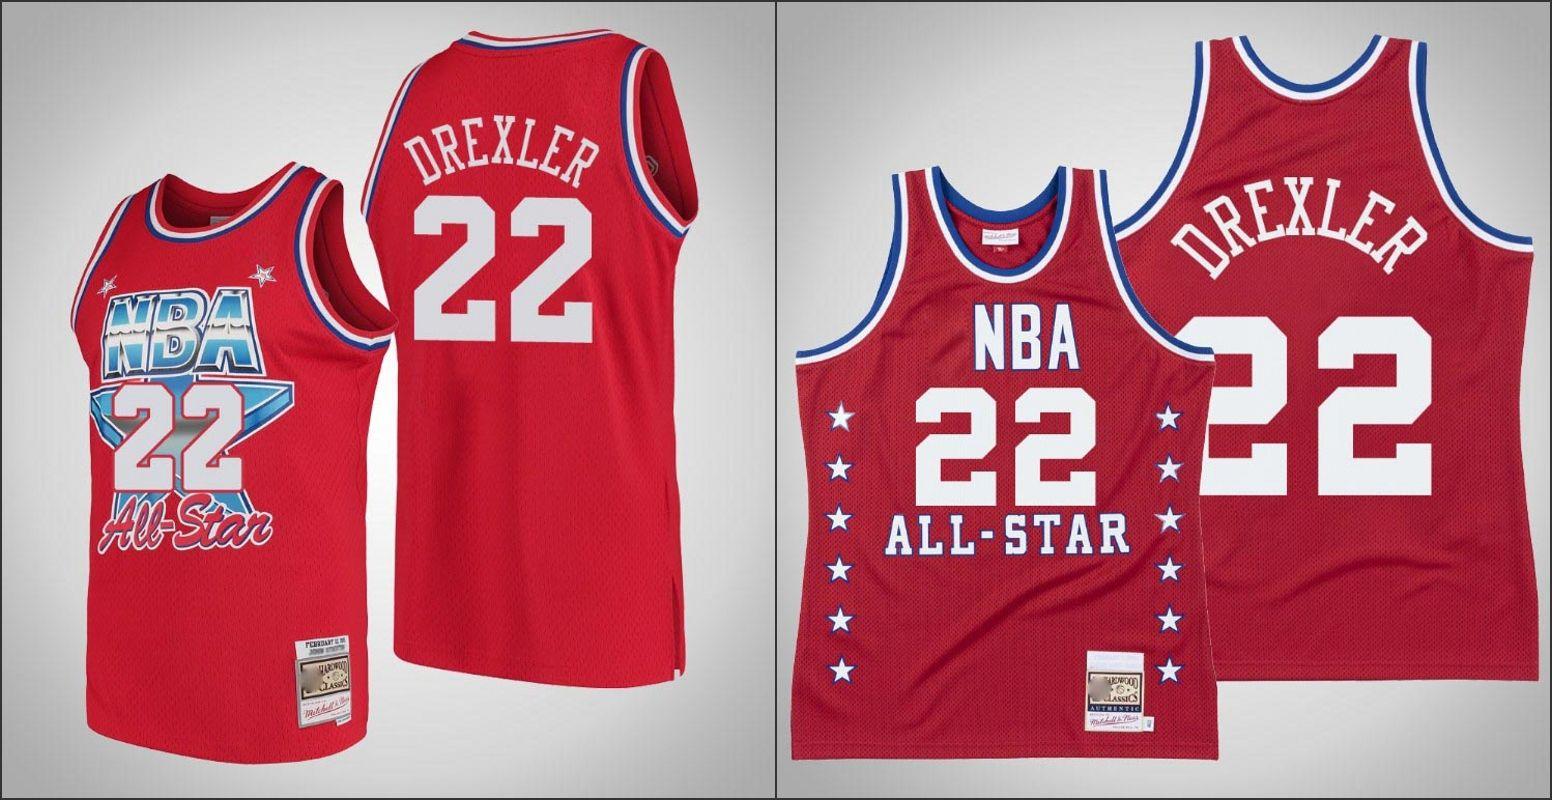 1988 Portland TrailBlazersMitchell Ness Clyde Drexler UomoNBA 1991 All-Star Red Swingman Jersey